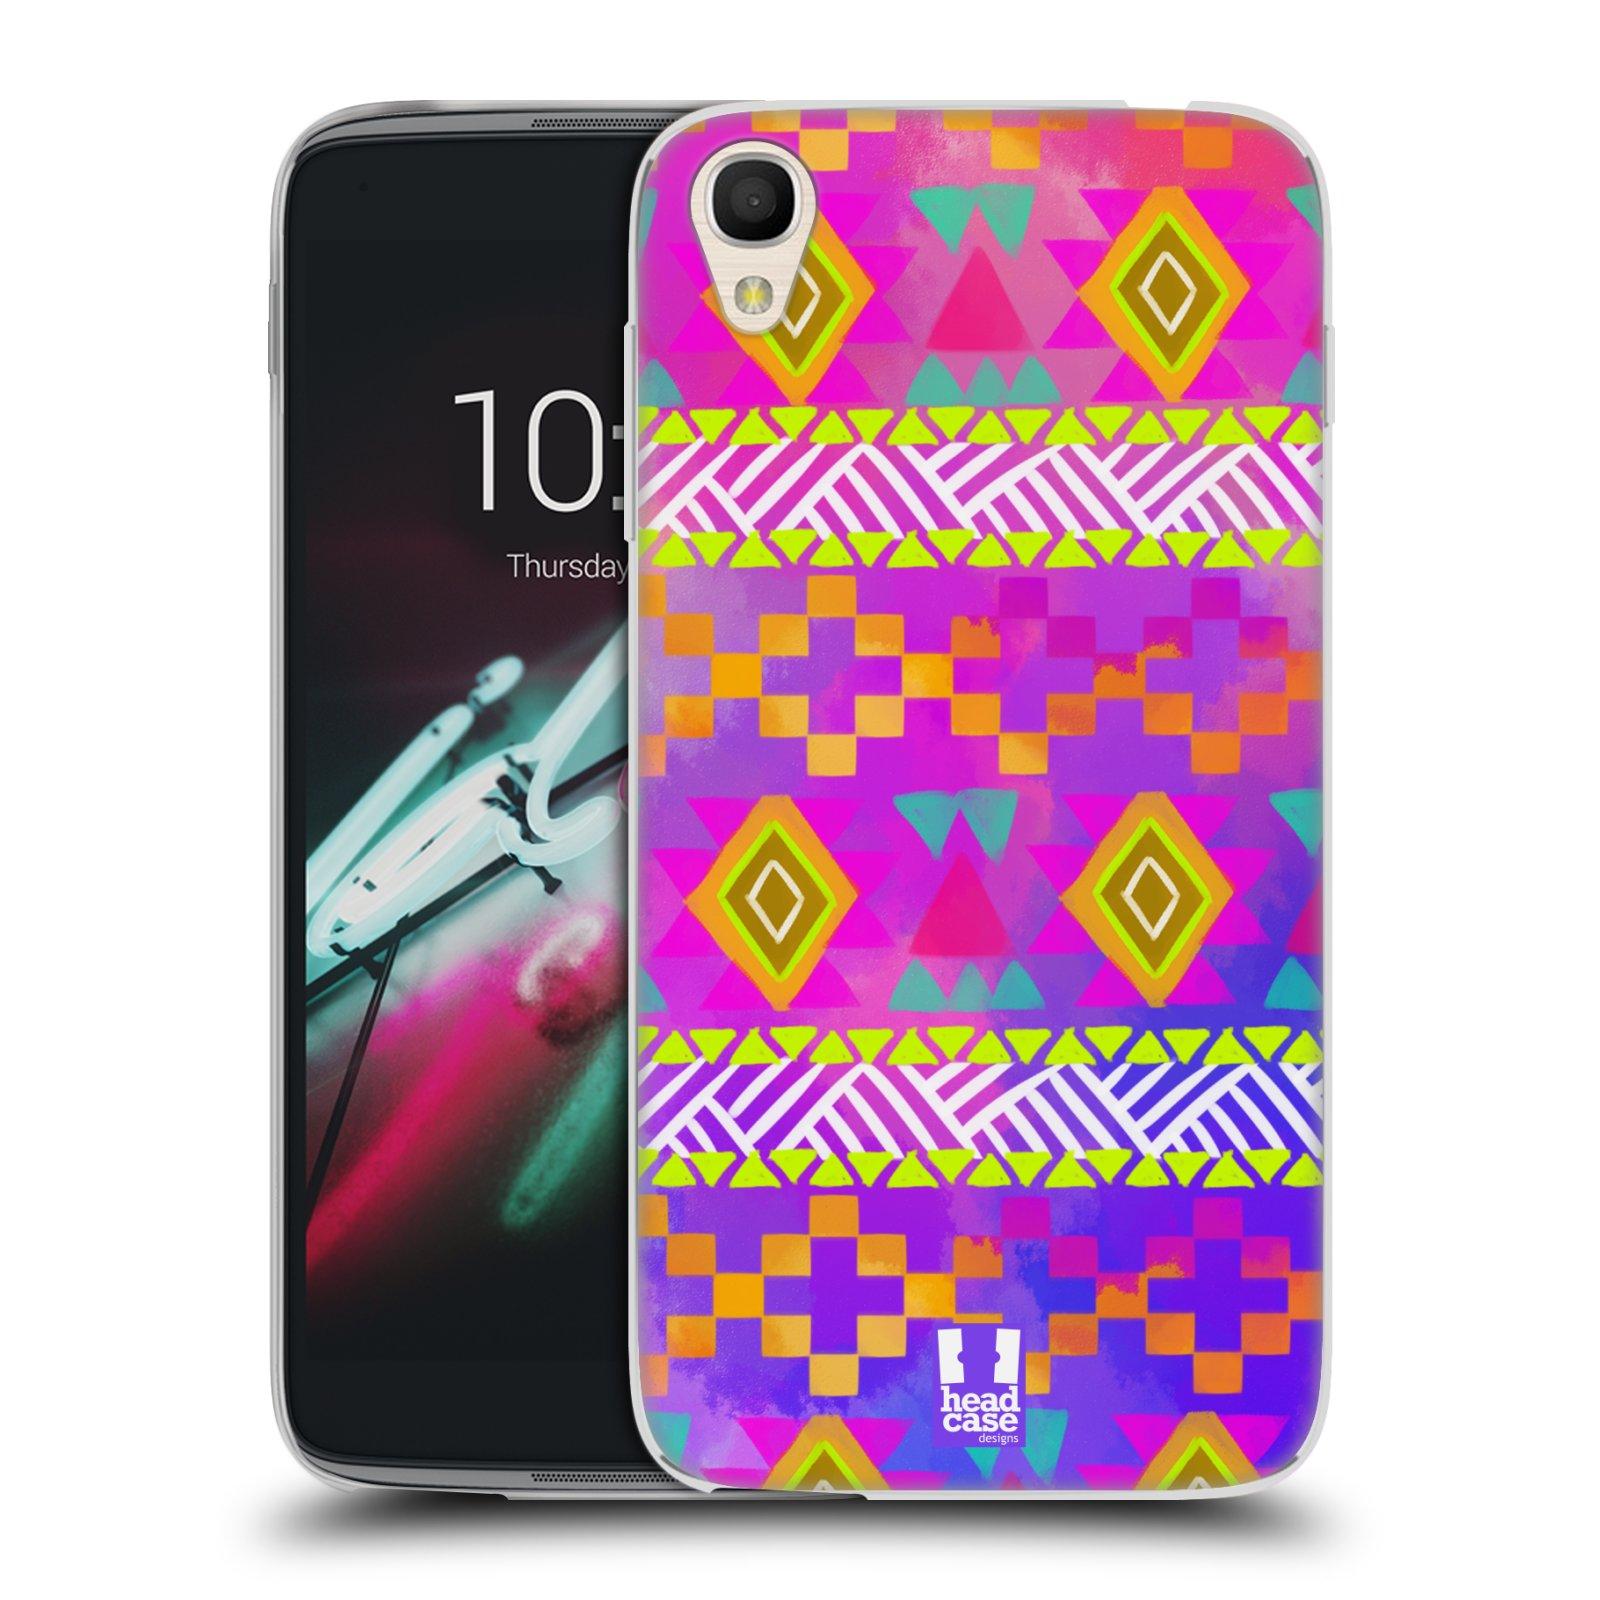 HEAD CASE silikonový obal na mobil Alcatel Idol 3 OT-6039Y (4.7) vzor CIK CAK barevné znaky fuchsie